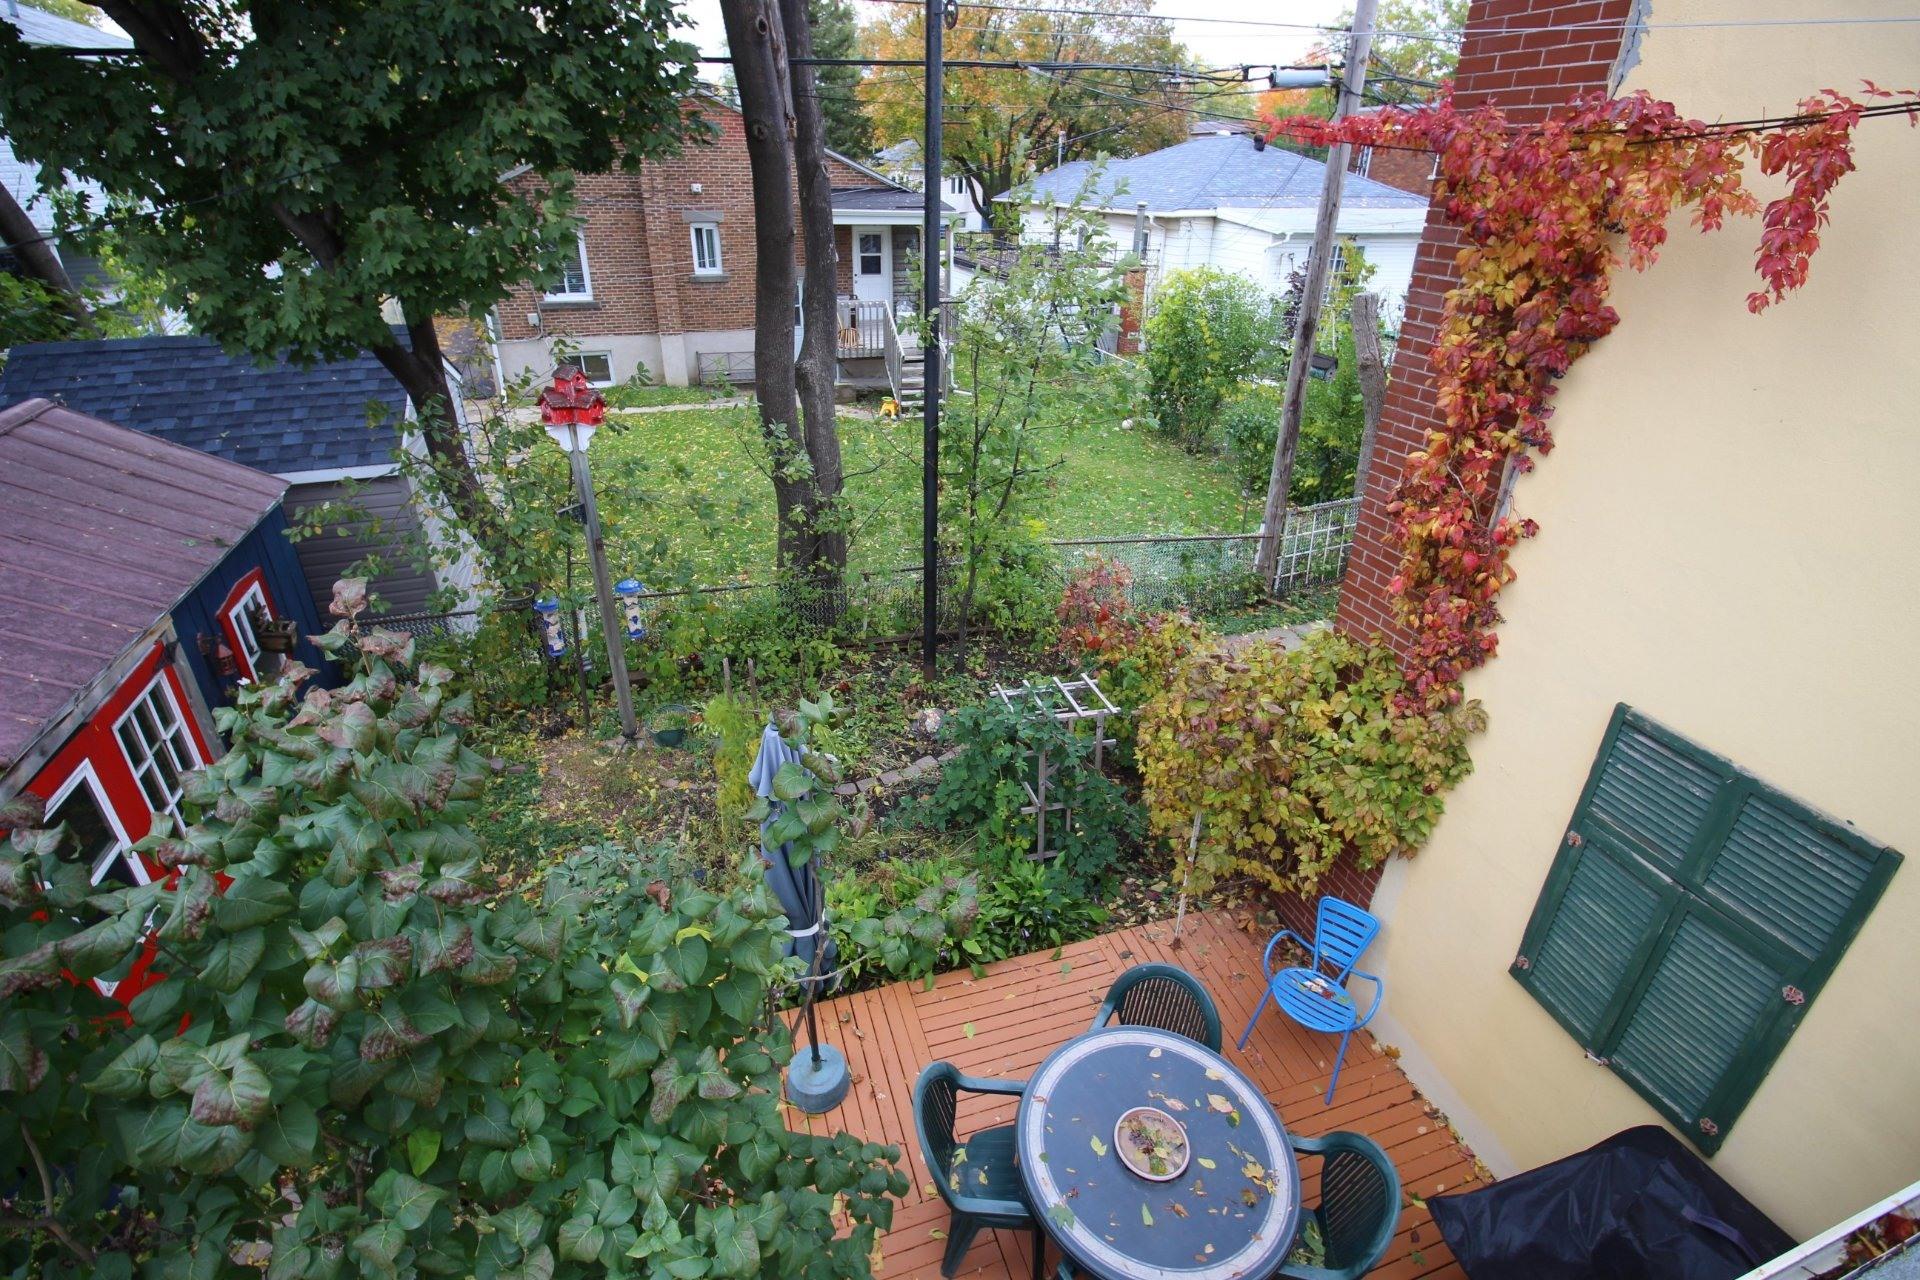 image 21 - Duplex À vendre Montréal Anjou  - 4 pièces